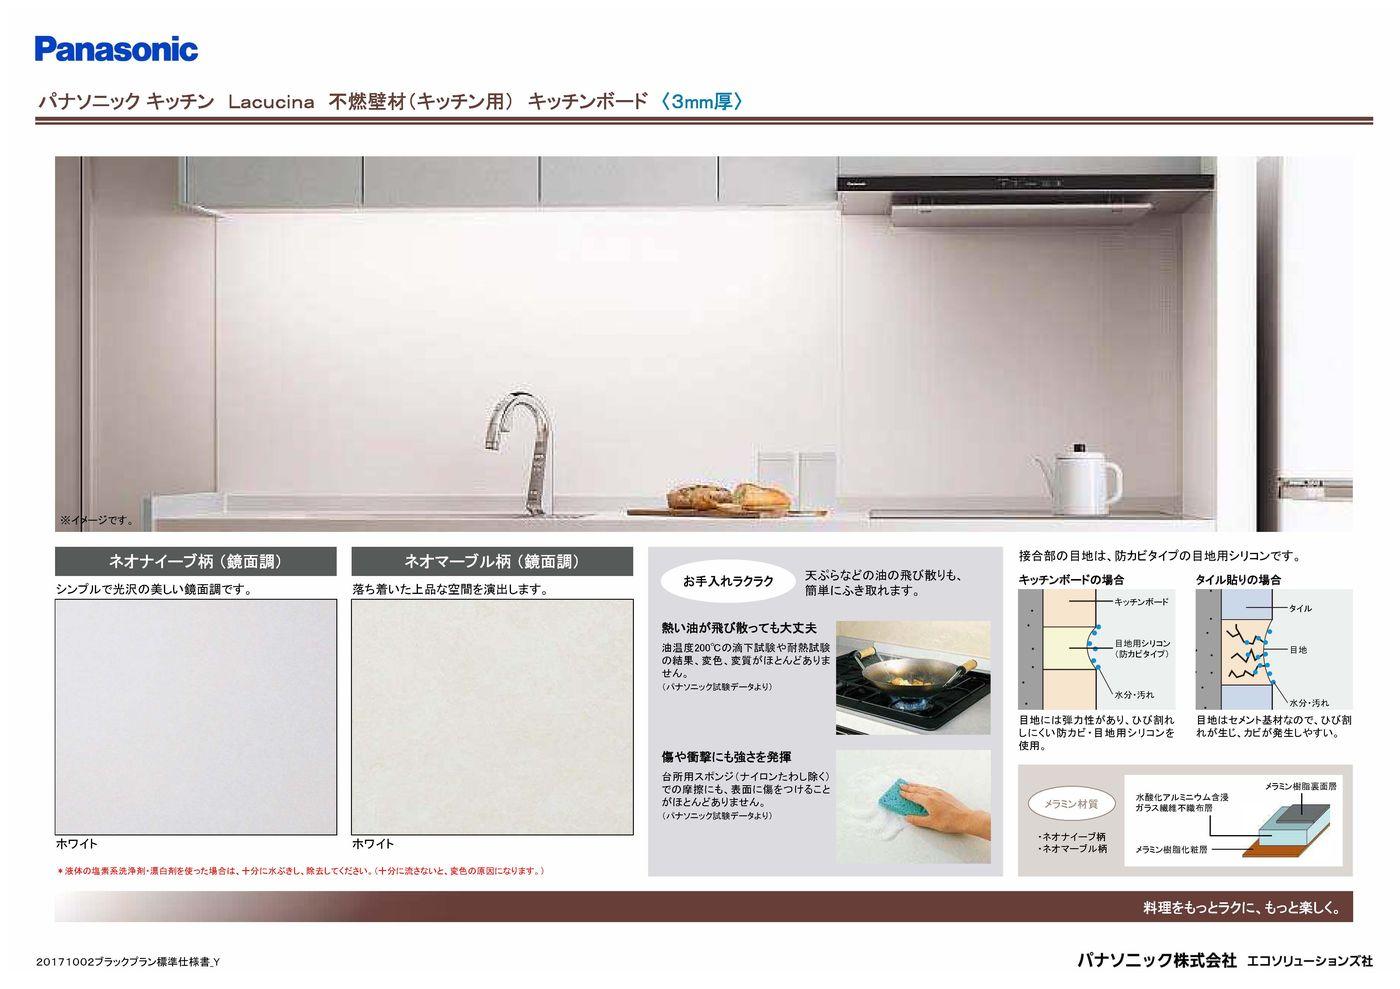 パナソニックキッチン ラクシーナ 不燃壁材(キッチン用)キッチンボード<3mm厚>